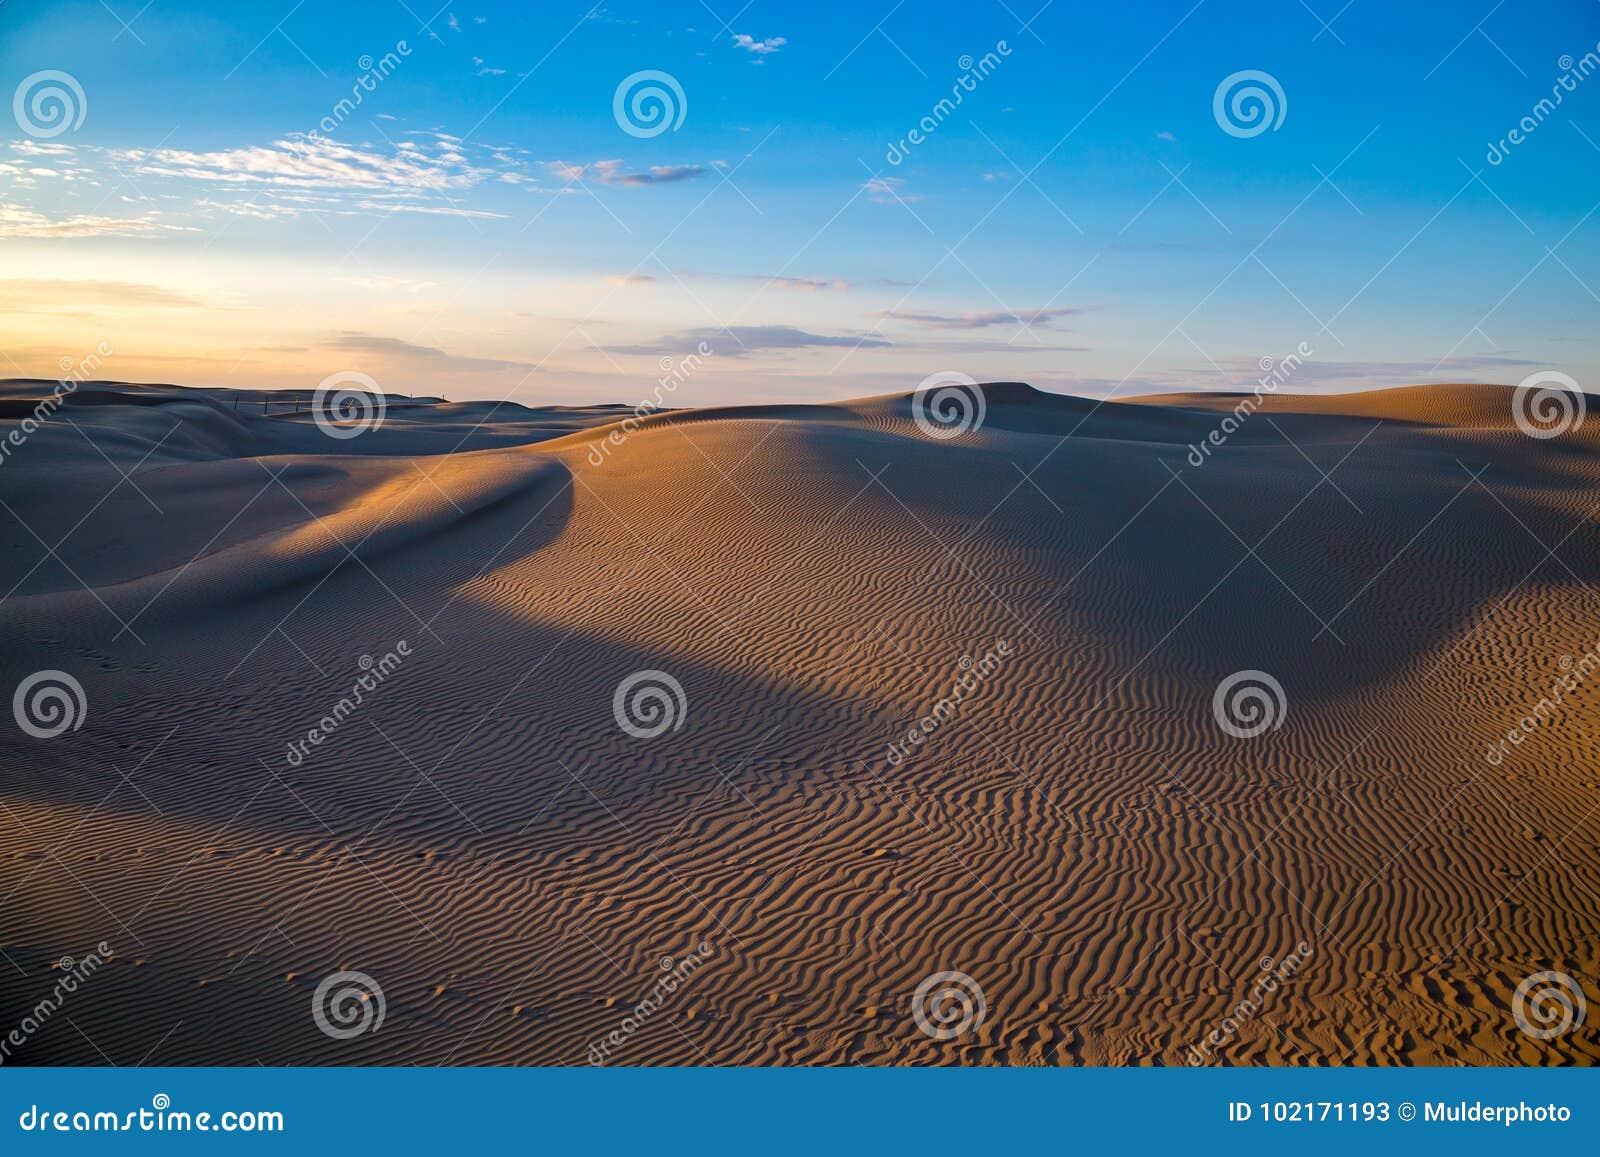 Paisagem bonita natural do deserto, dunas de areia no fundo azul do céu da noite